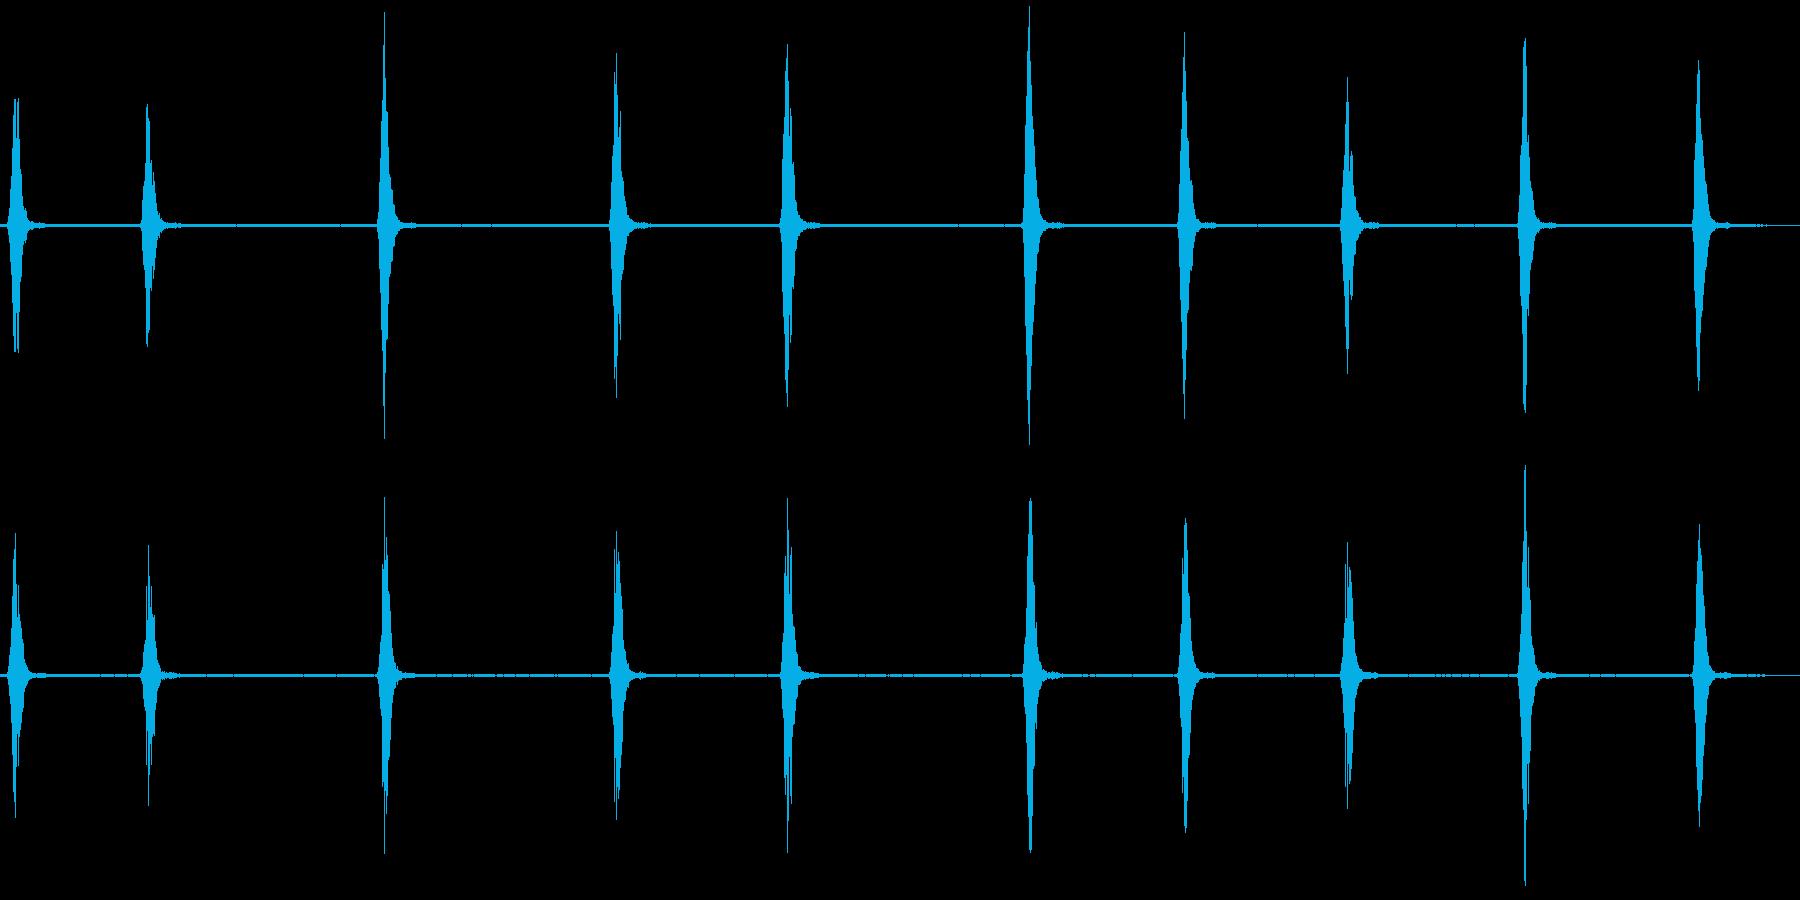 スズメの鳴き声1(チュンチュン)の再生済みの波形